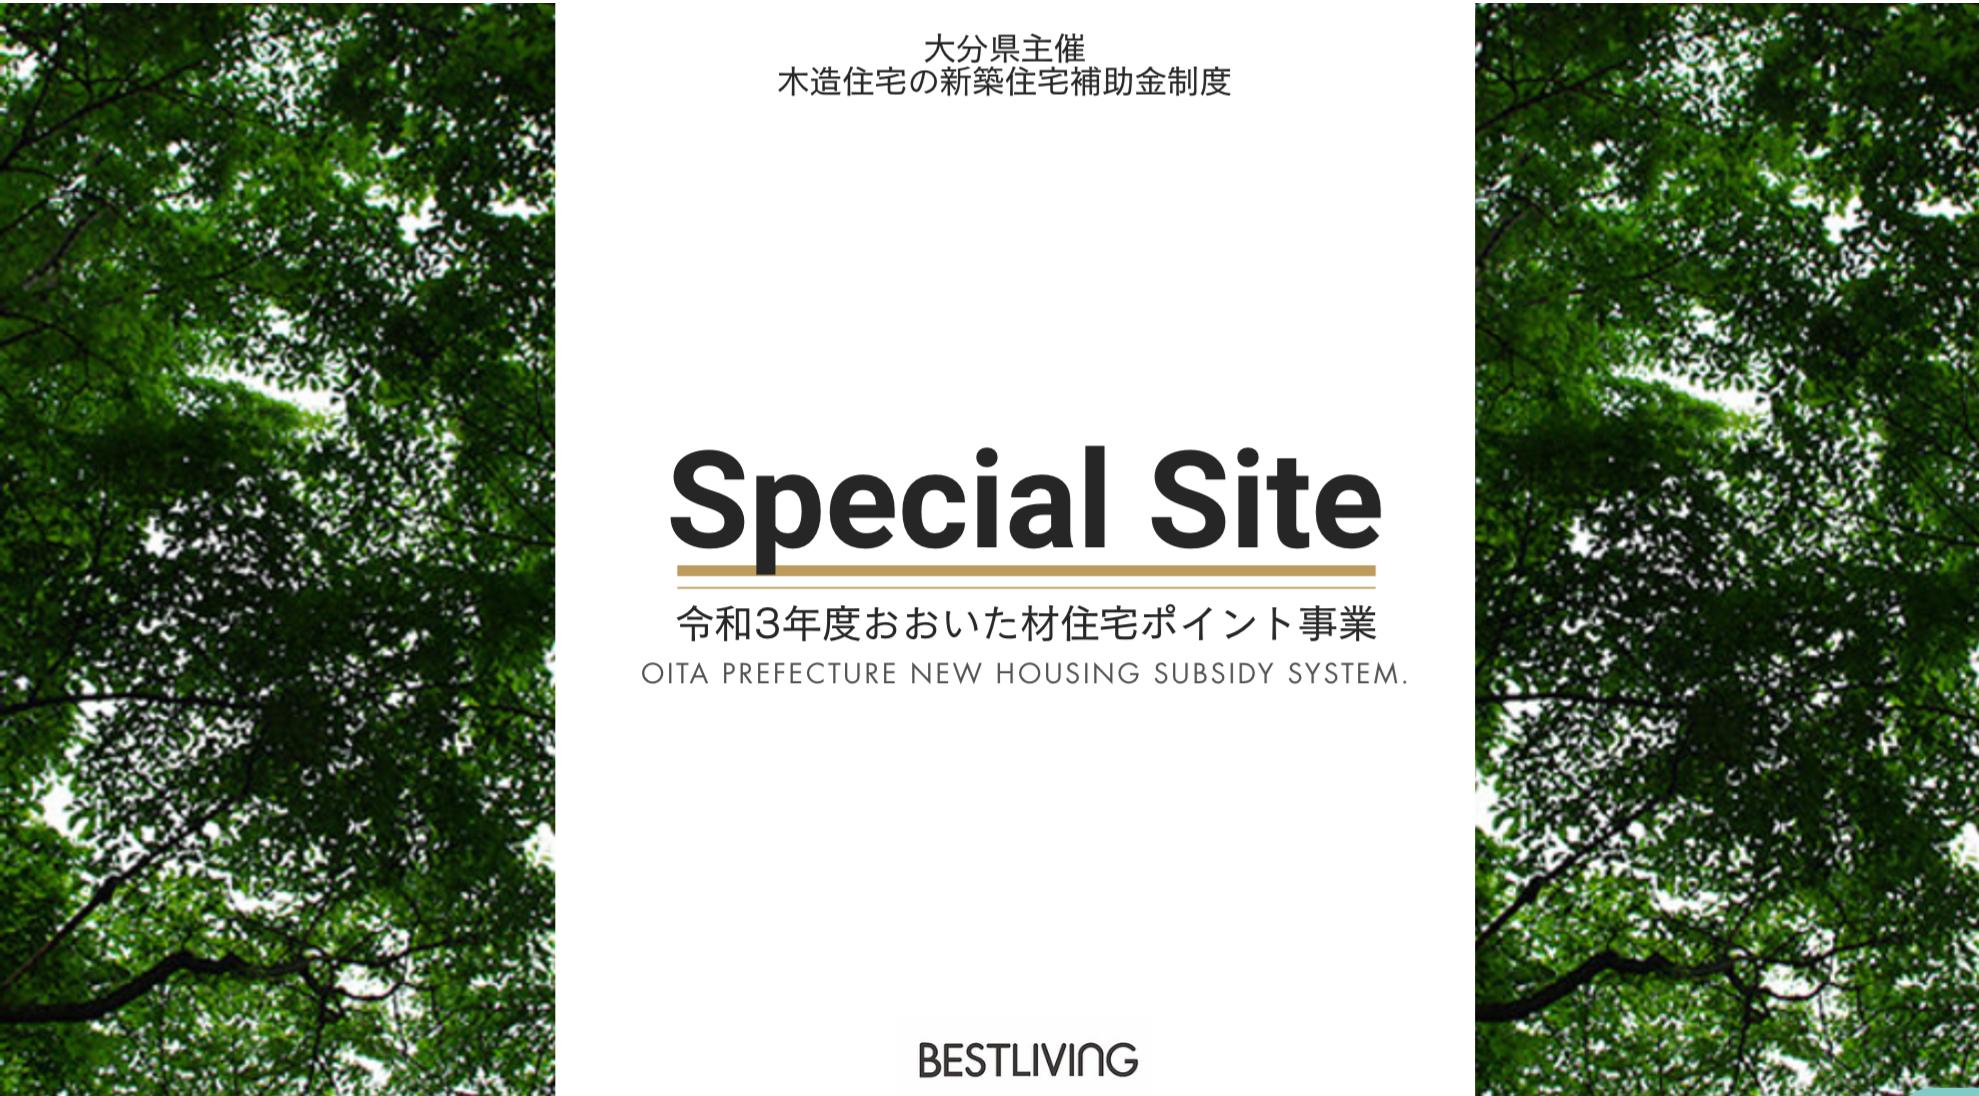 令和3年度 おおいた材住宅ポイント事業 特設サイト